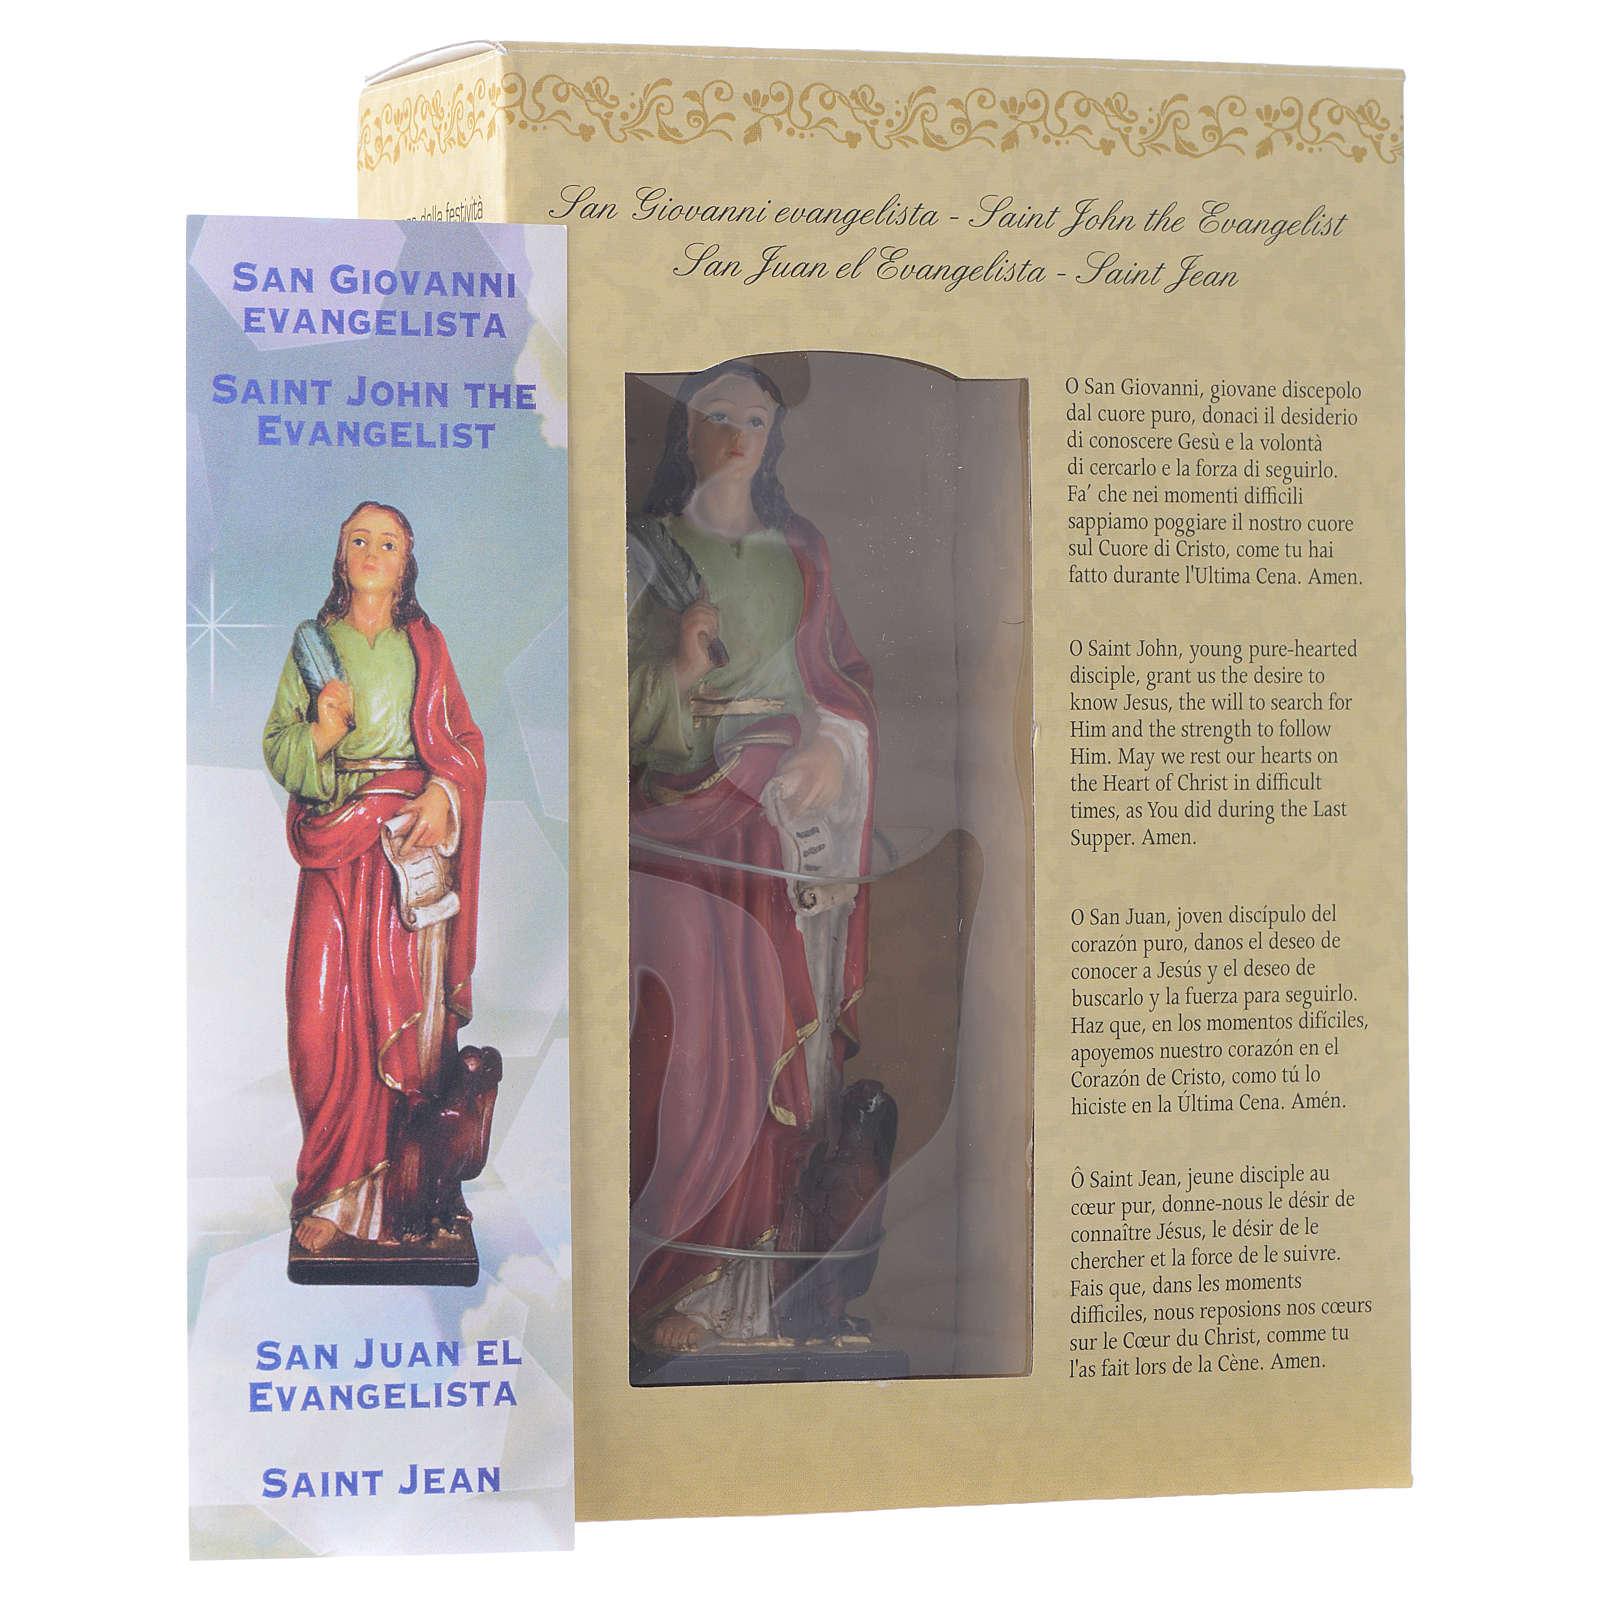 San Giovanni Evangelista 12 cm pvc confezione PREGHIERA MULTILINGUE 4